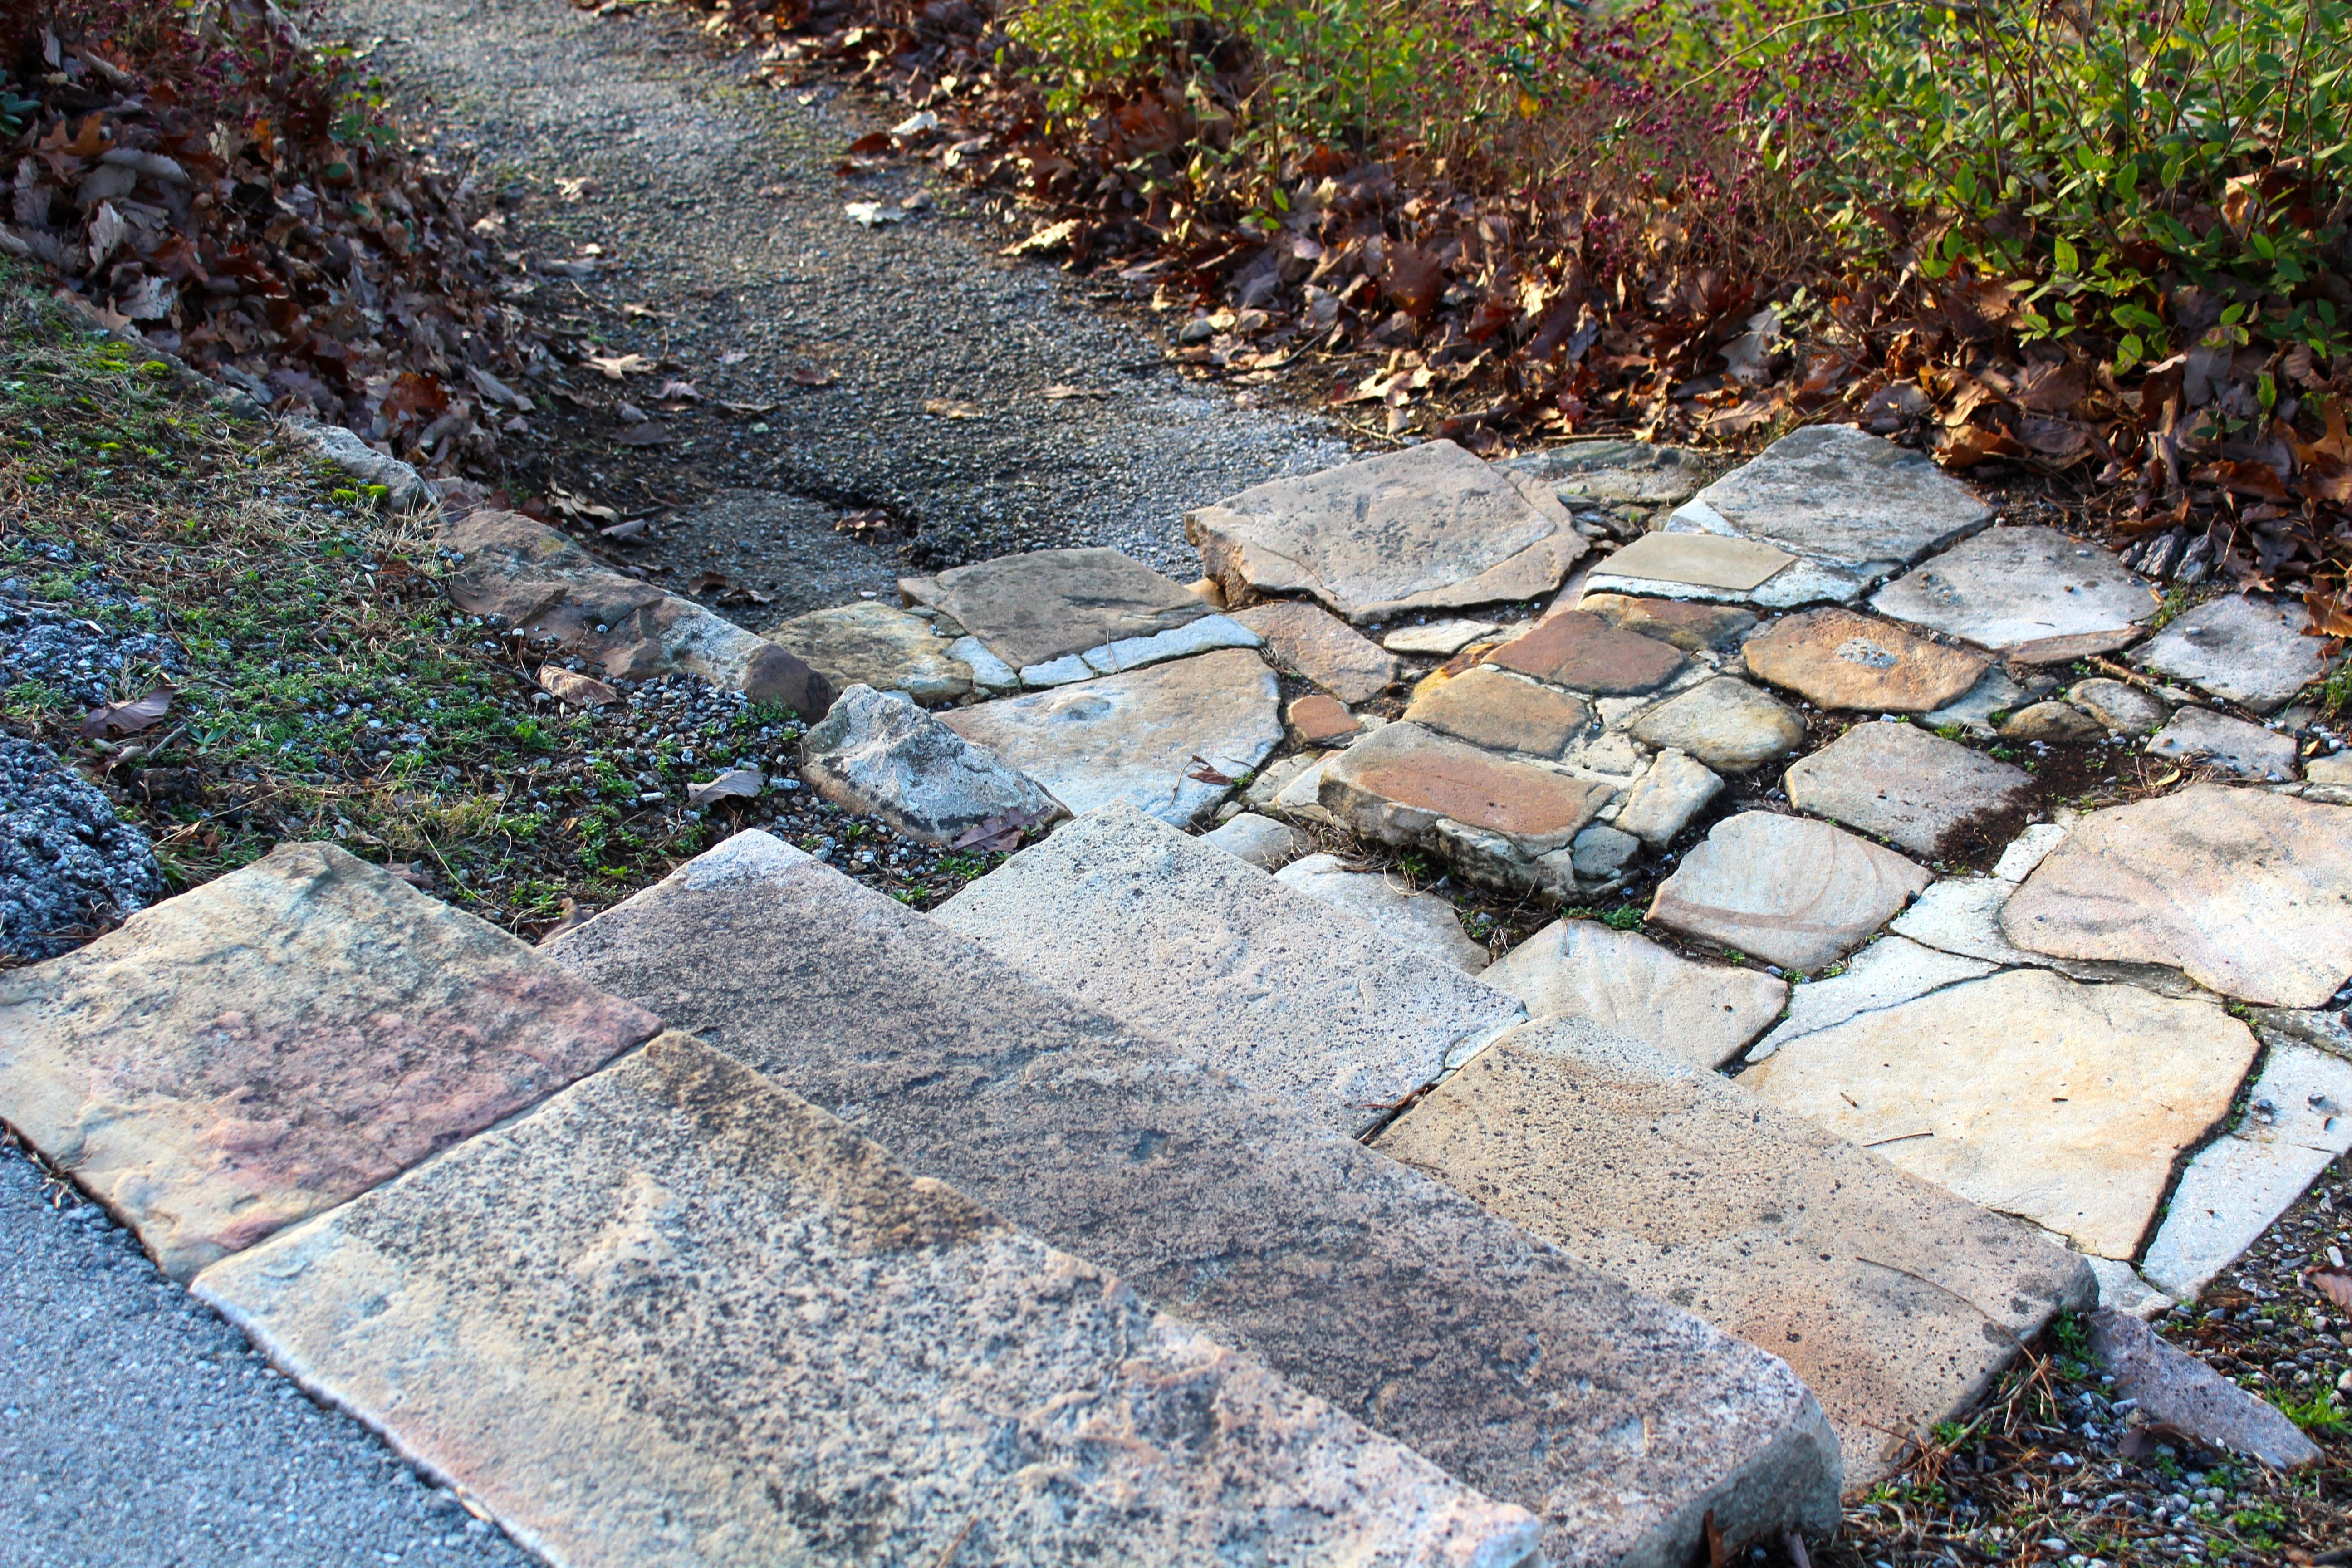 Cour Gravier à images gratuites : roche, pelouse, trottoir, pavé, asphalte